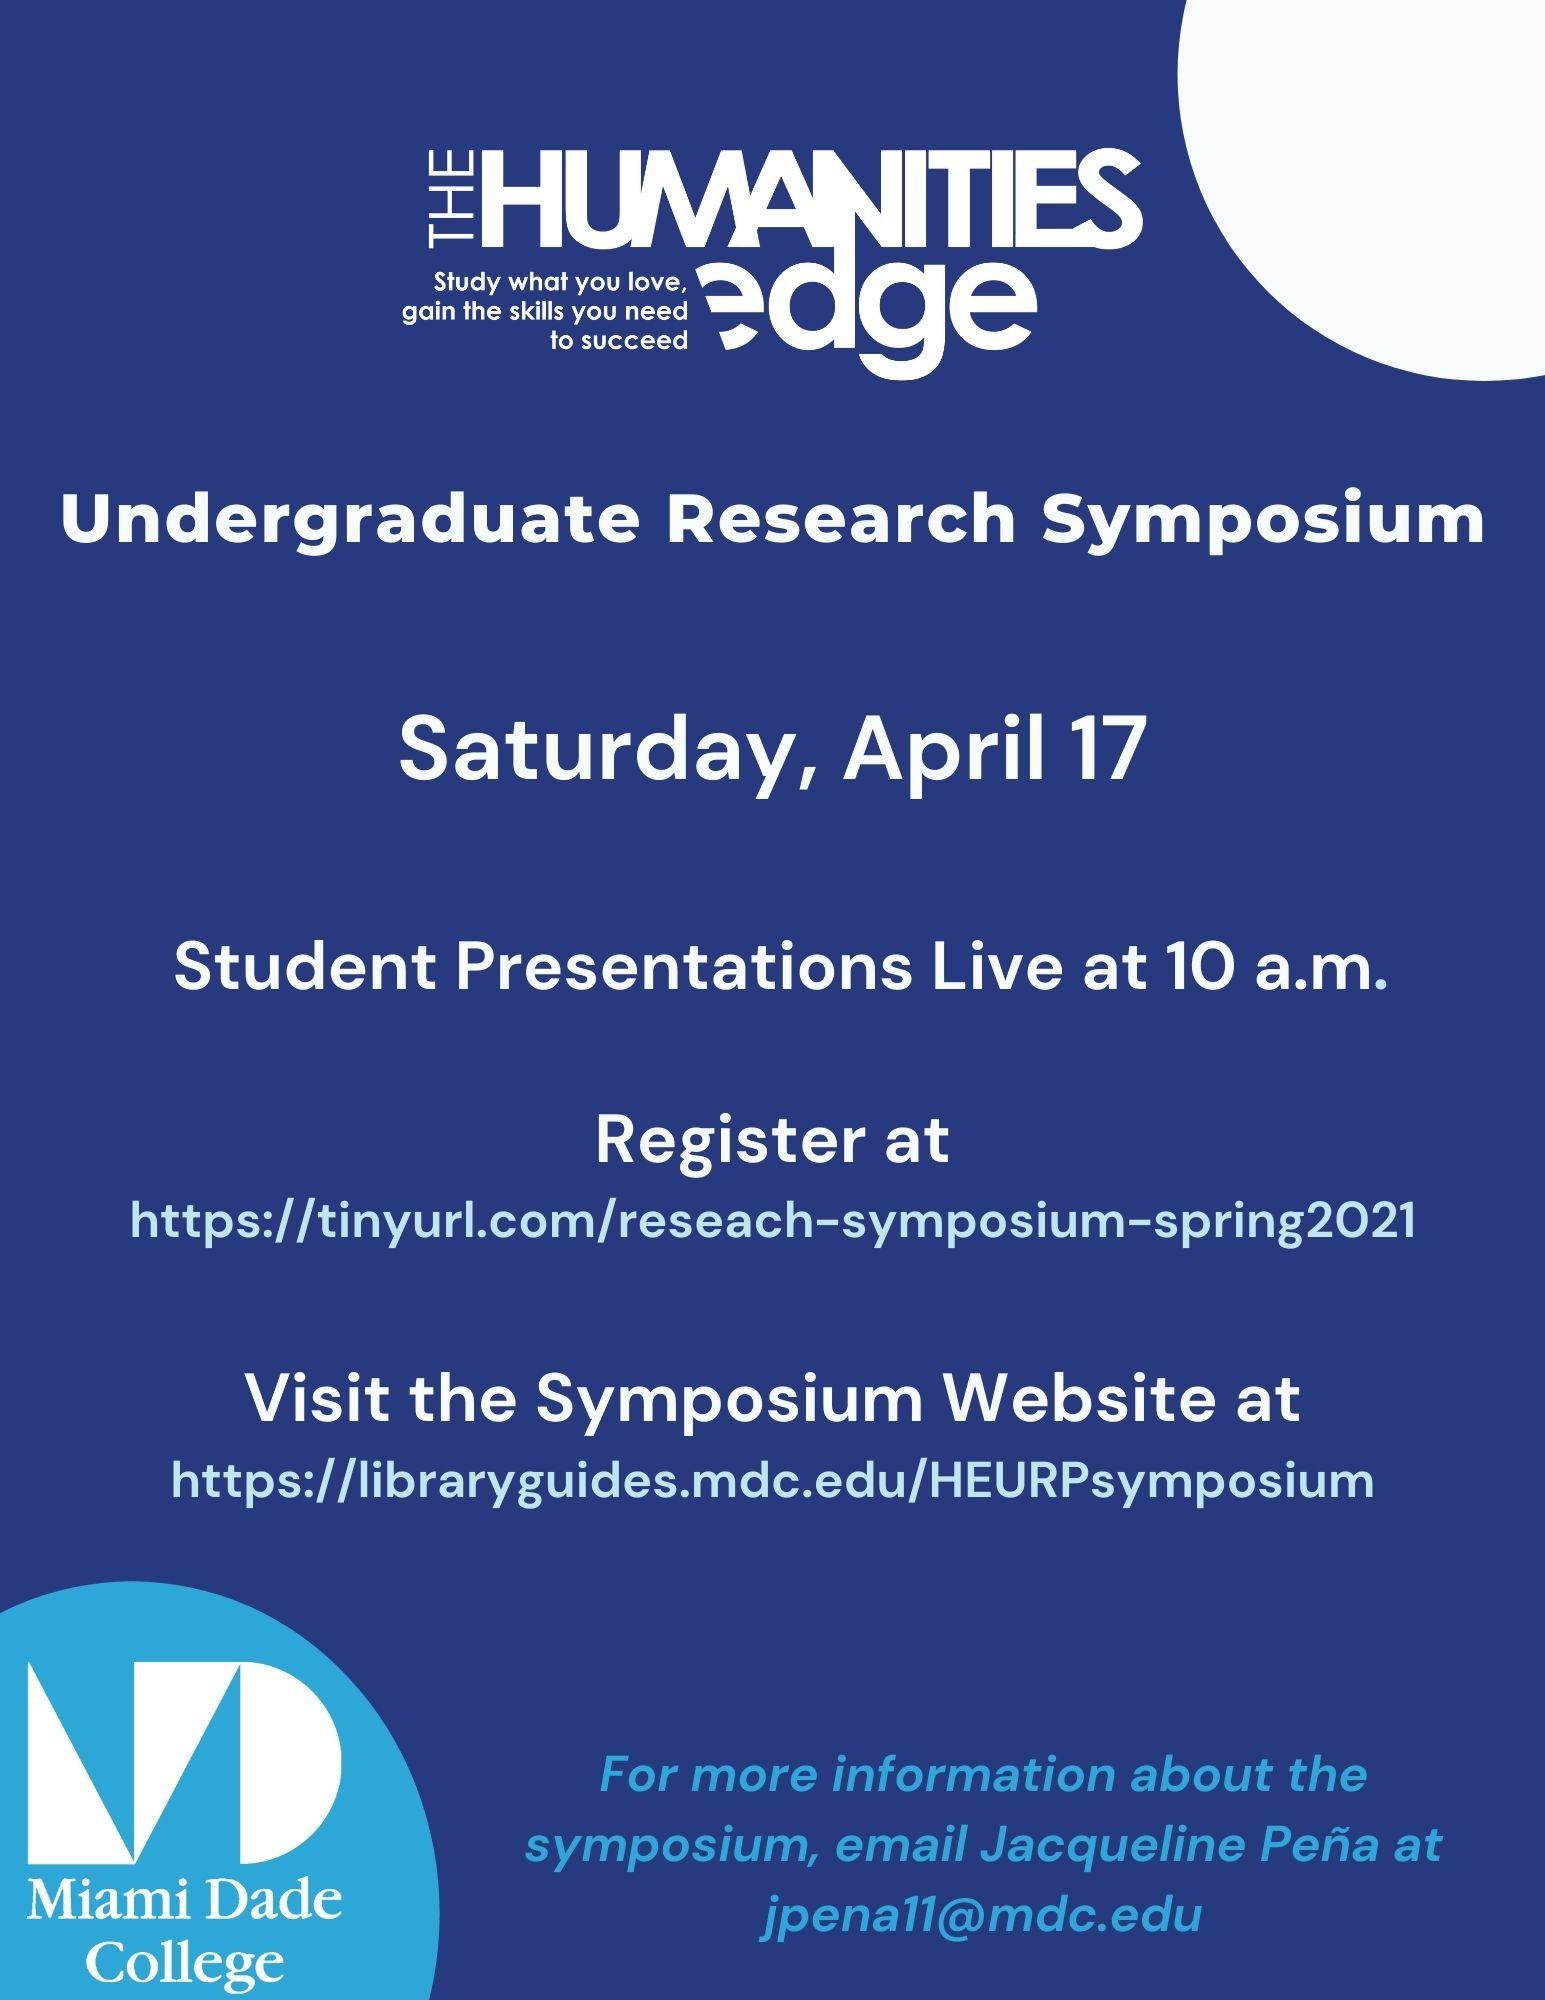 Humanities Edge Undergraduate Research Symposium -Saturday, April 17 2021 at 10:00 am